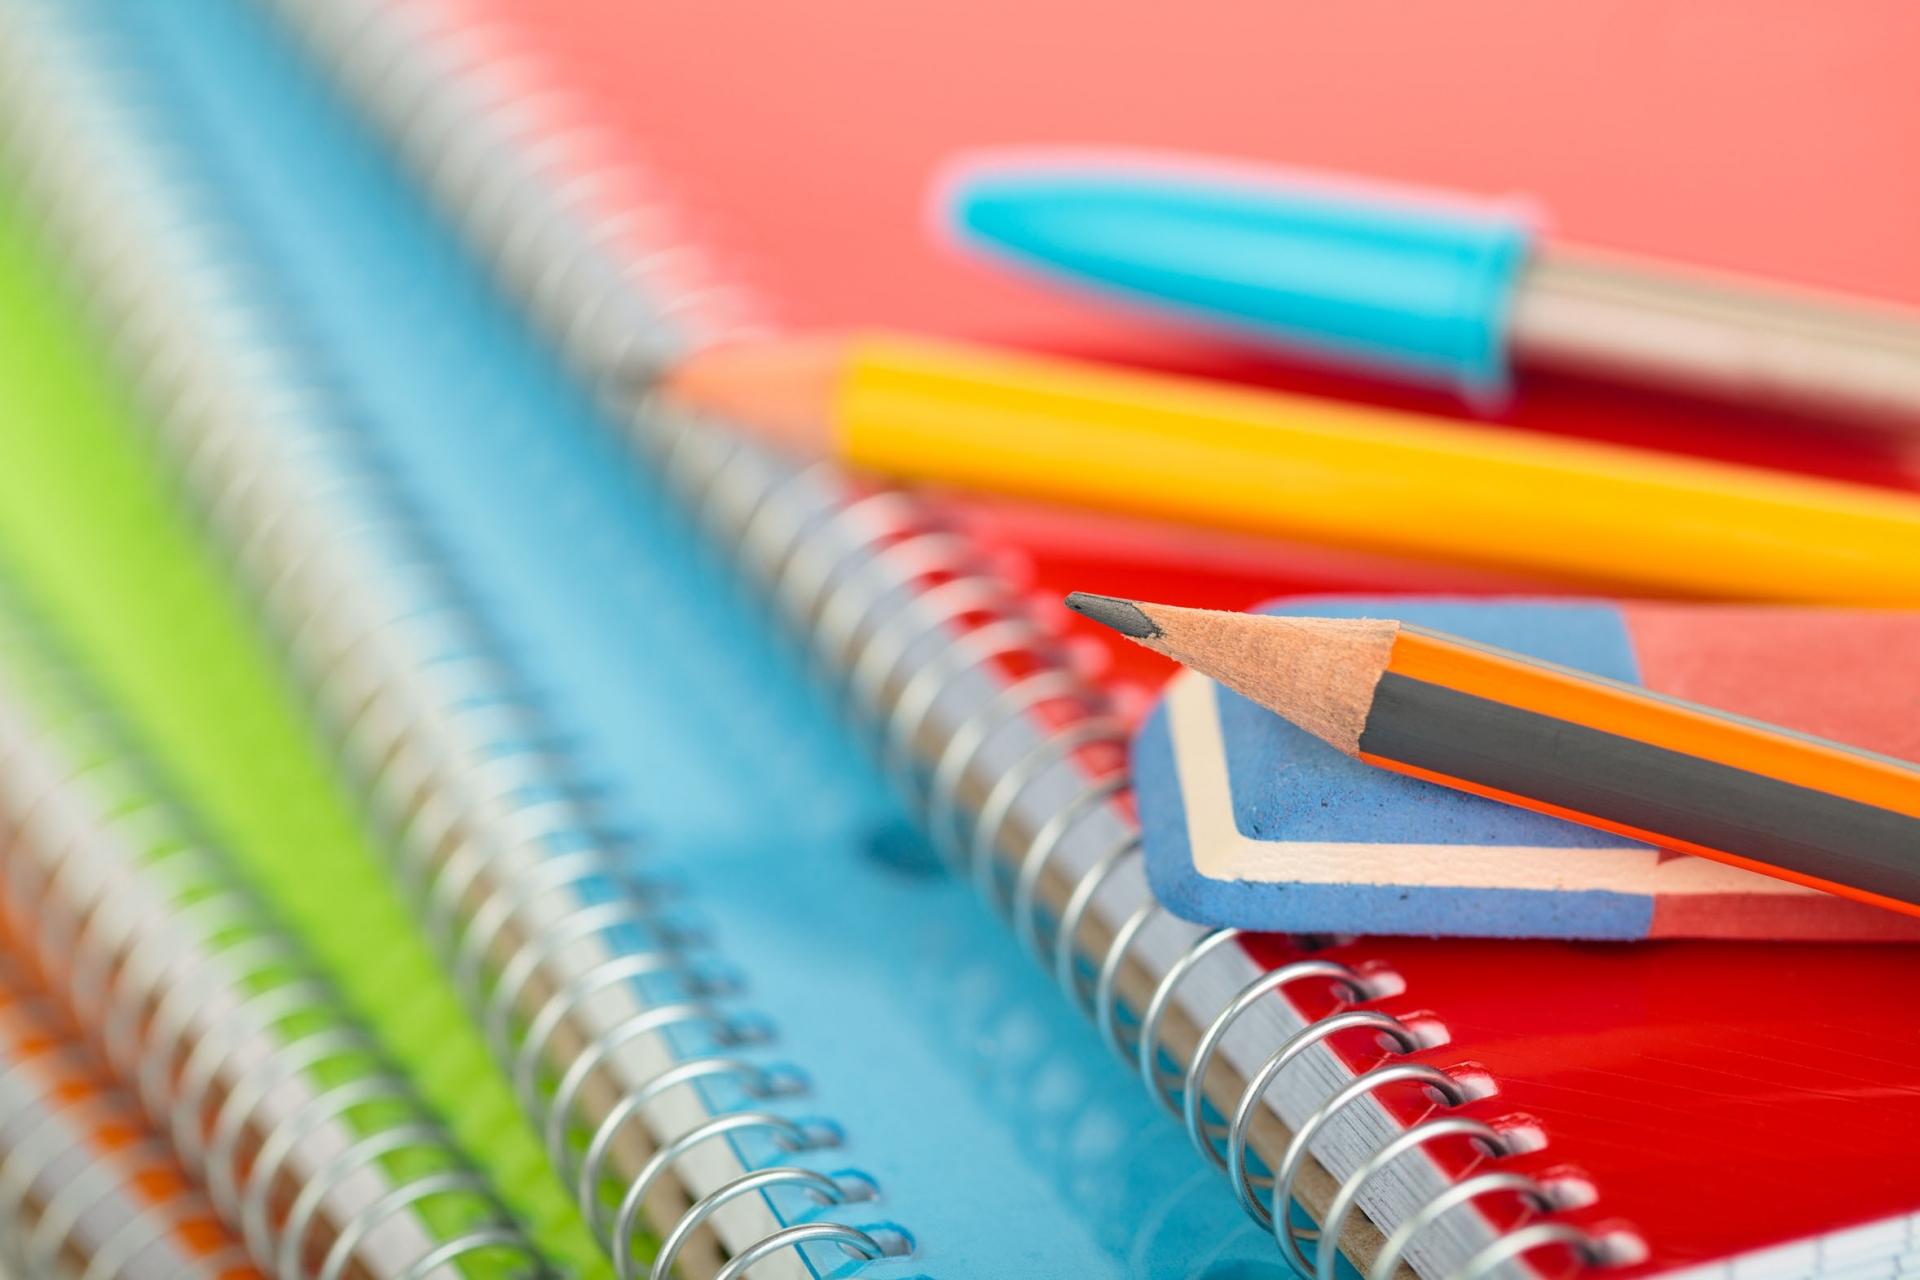 Von Blöcken über Bücher bis hin zum Füllfederhalter. Wir haben alles. © Vitalina Rybakova - Fotolia.com